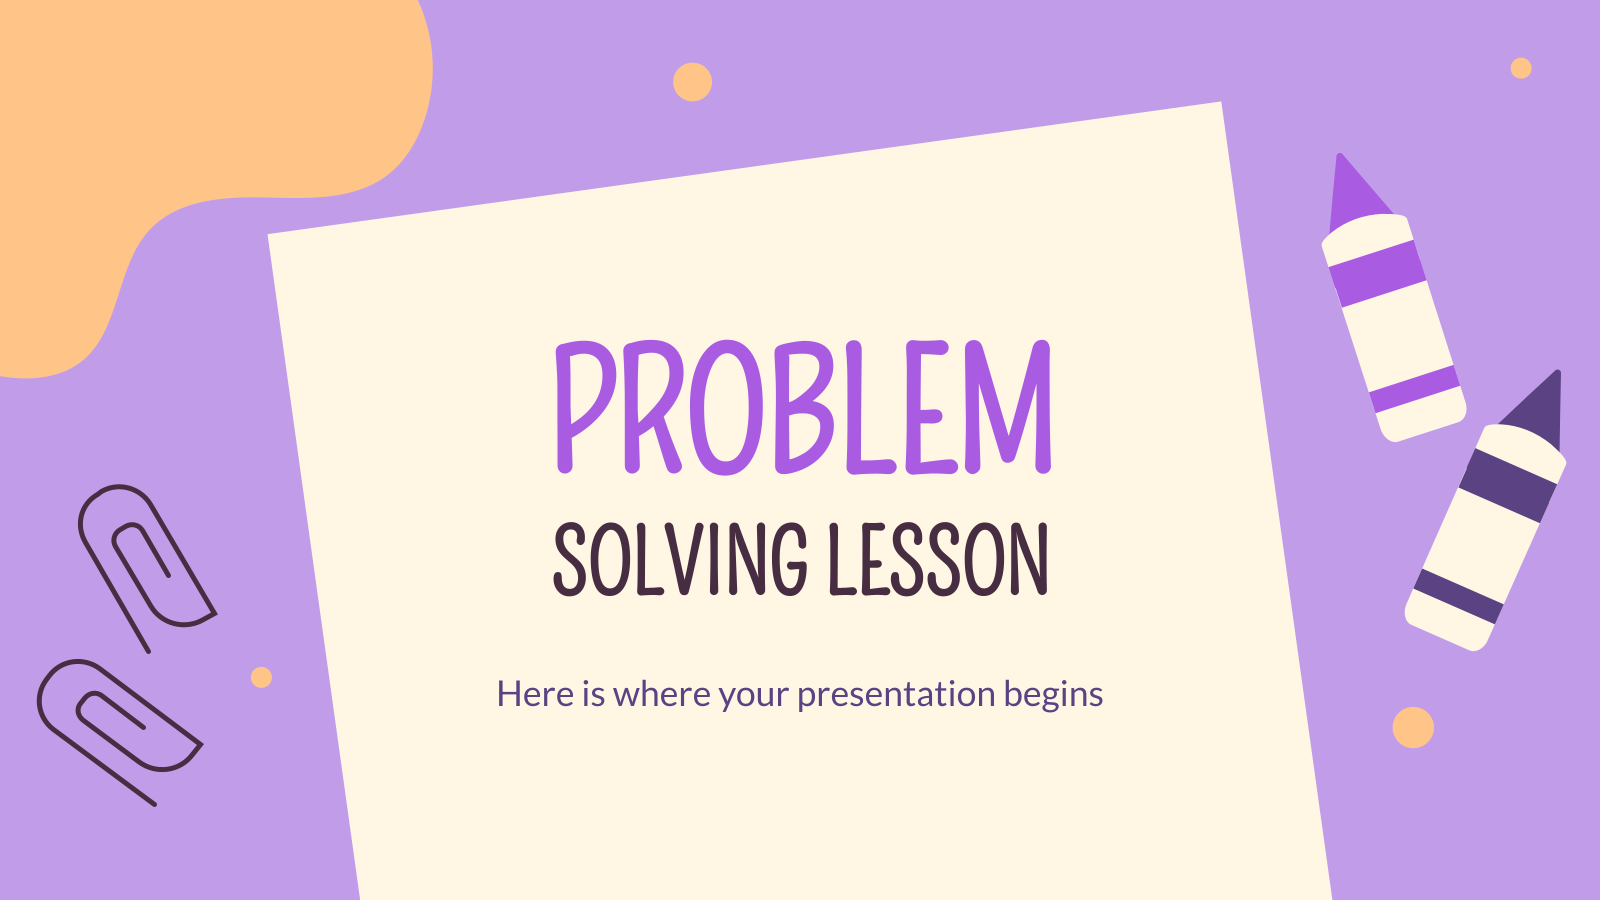 Cours sur la résolution de problèmes : Modèles de présentation